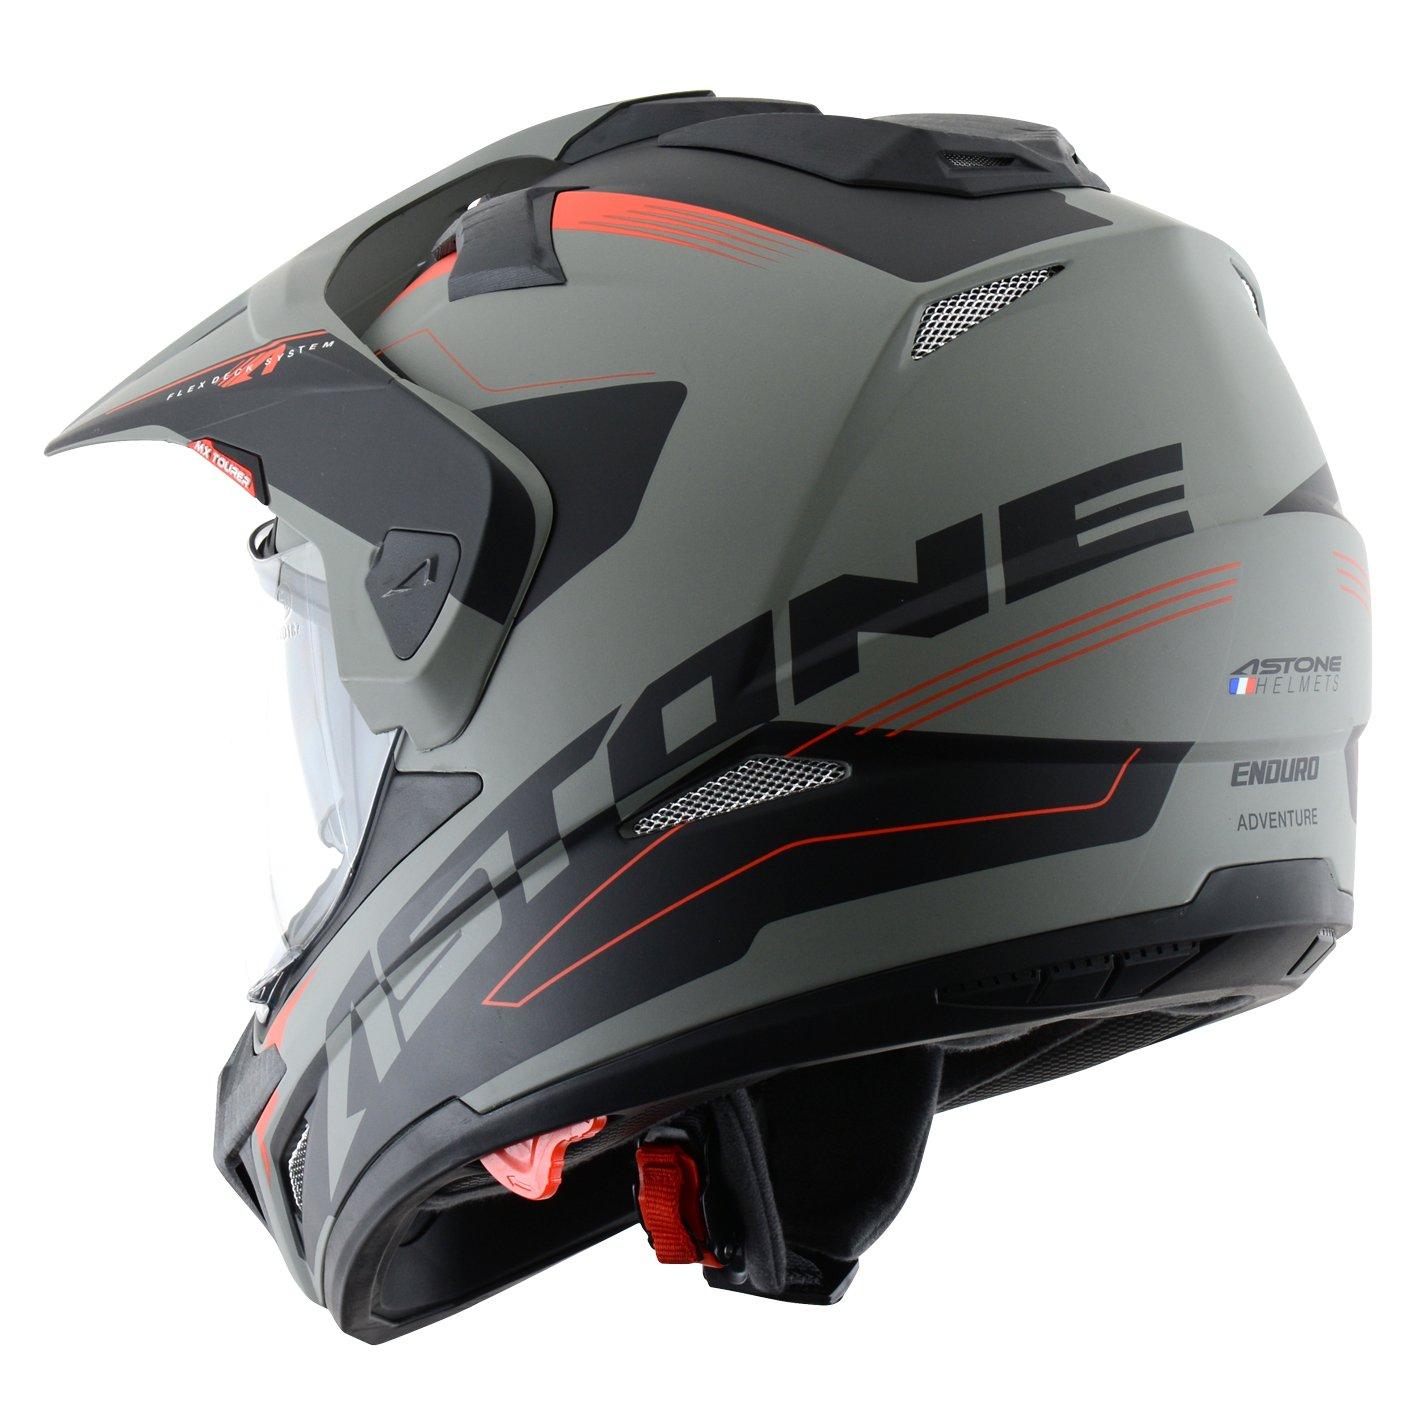 Astone Helmets Tourer Adventure color Gris talla S